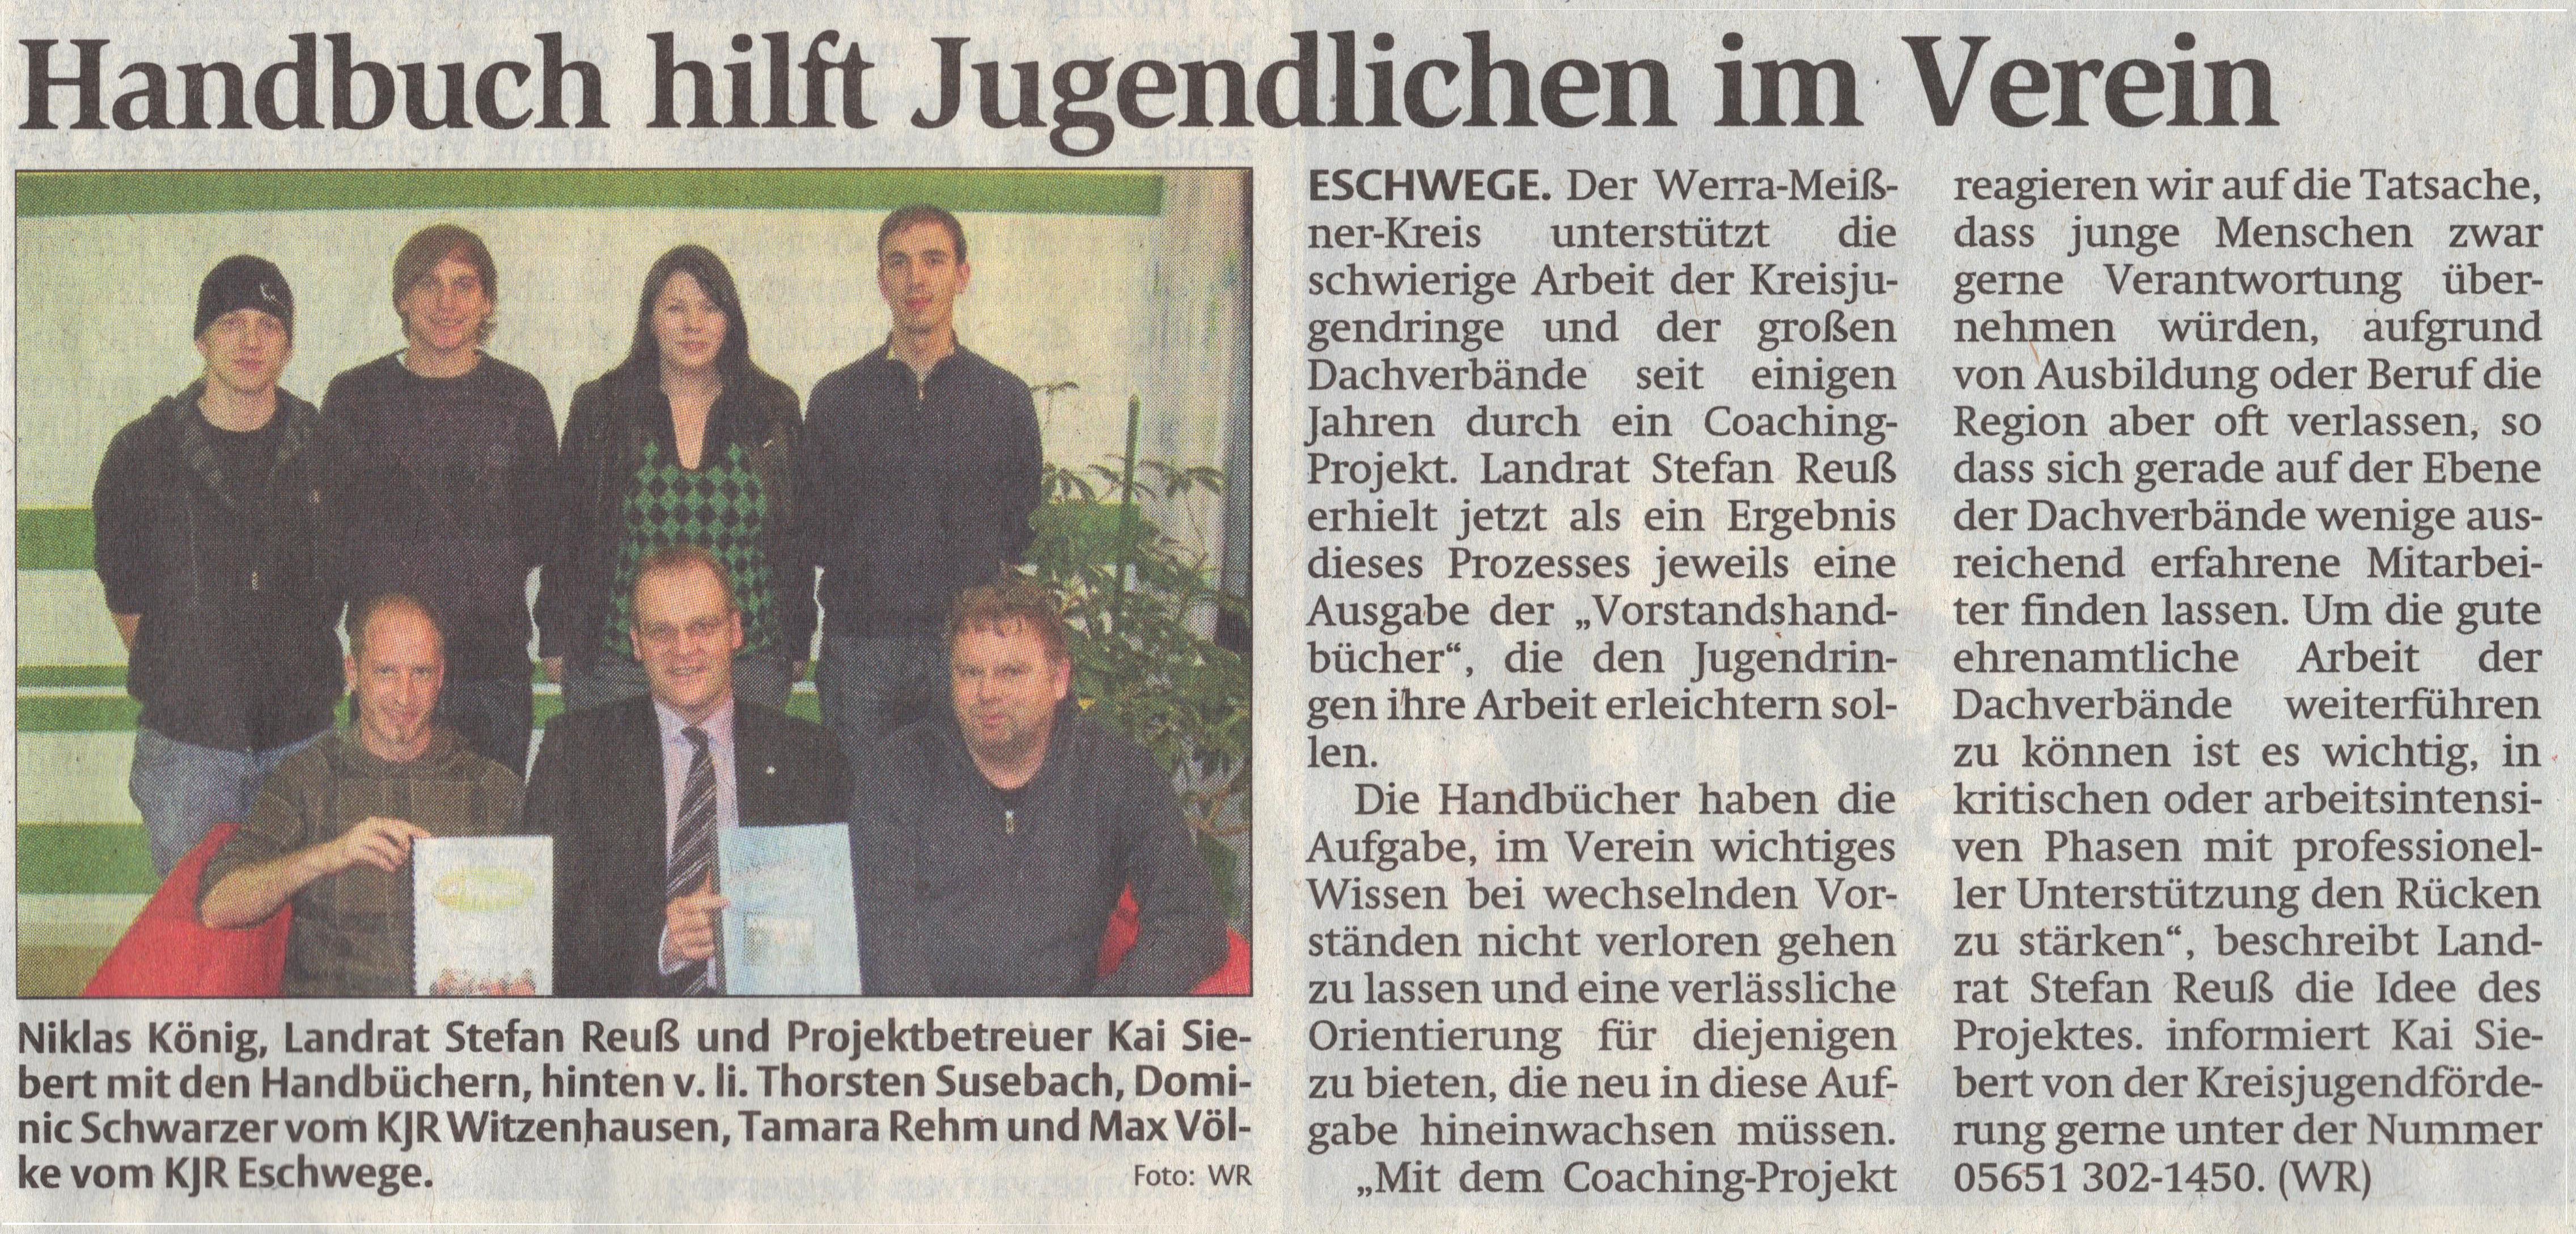 Coaching - Handbuch hilft Jugendlichen im Verein - WR 11.03.2010